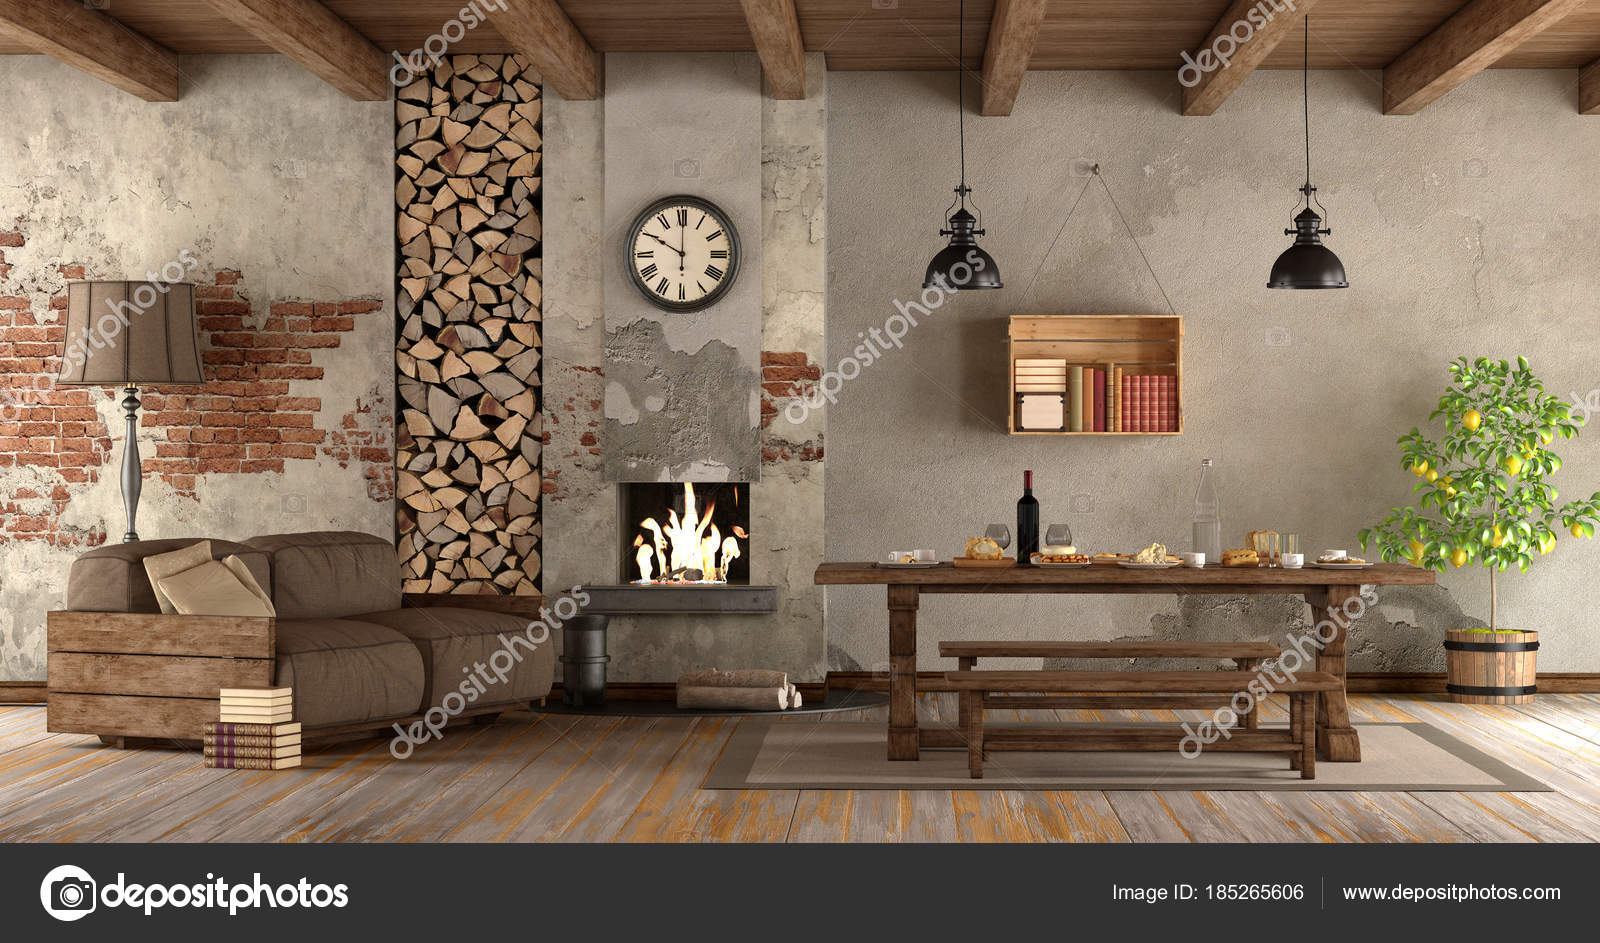 woonkamer met open haard in rustieke stijl — Stockfoto ...